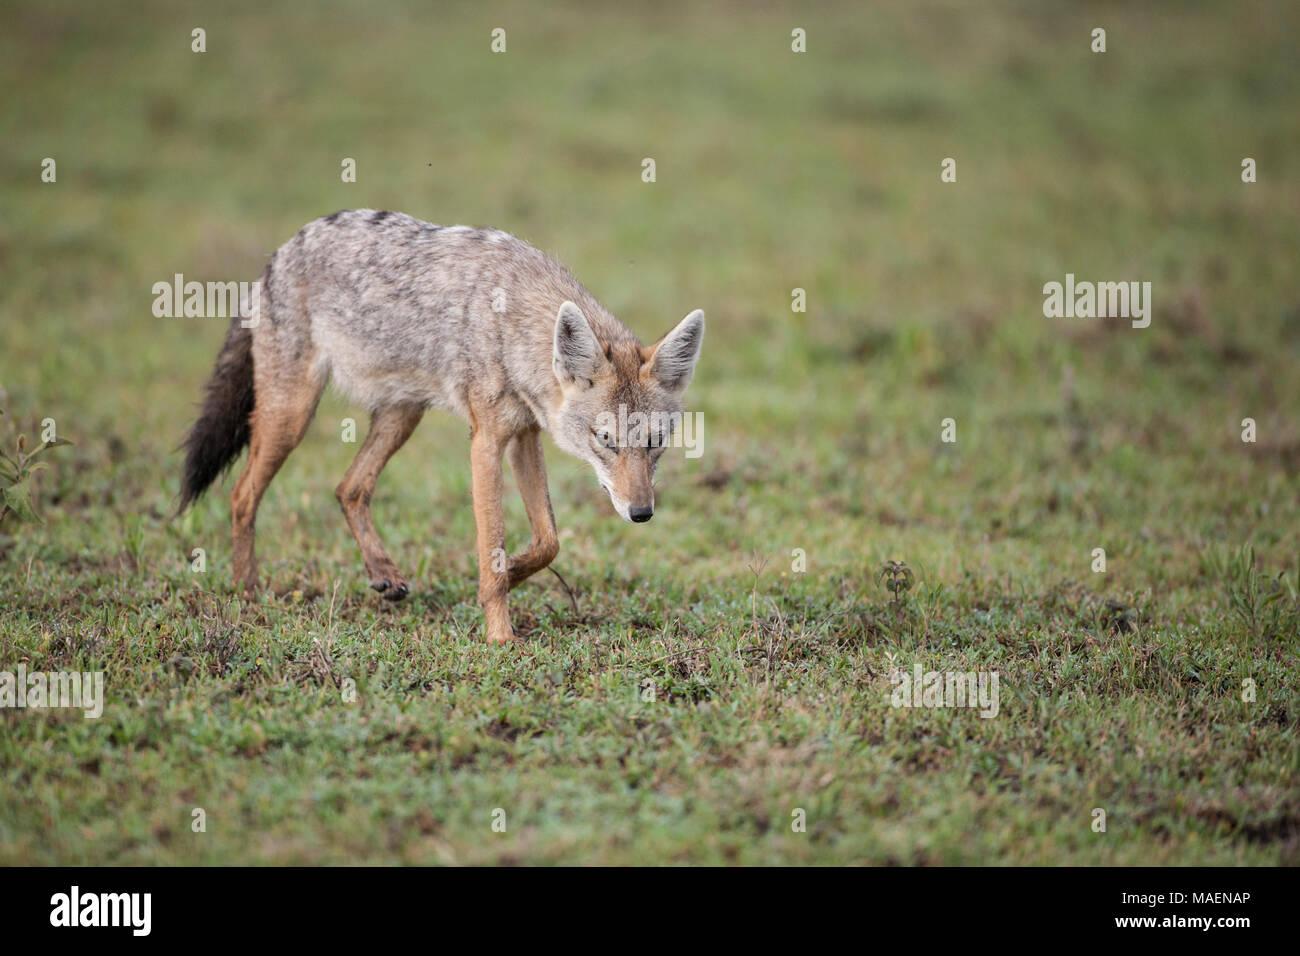 Le chacal doré ou chacal commun Canis aureus prowling les prairies ouvertes en Tanzanie Banque D'Images